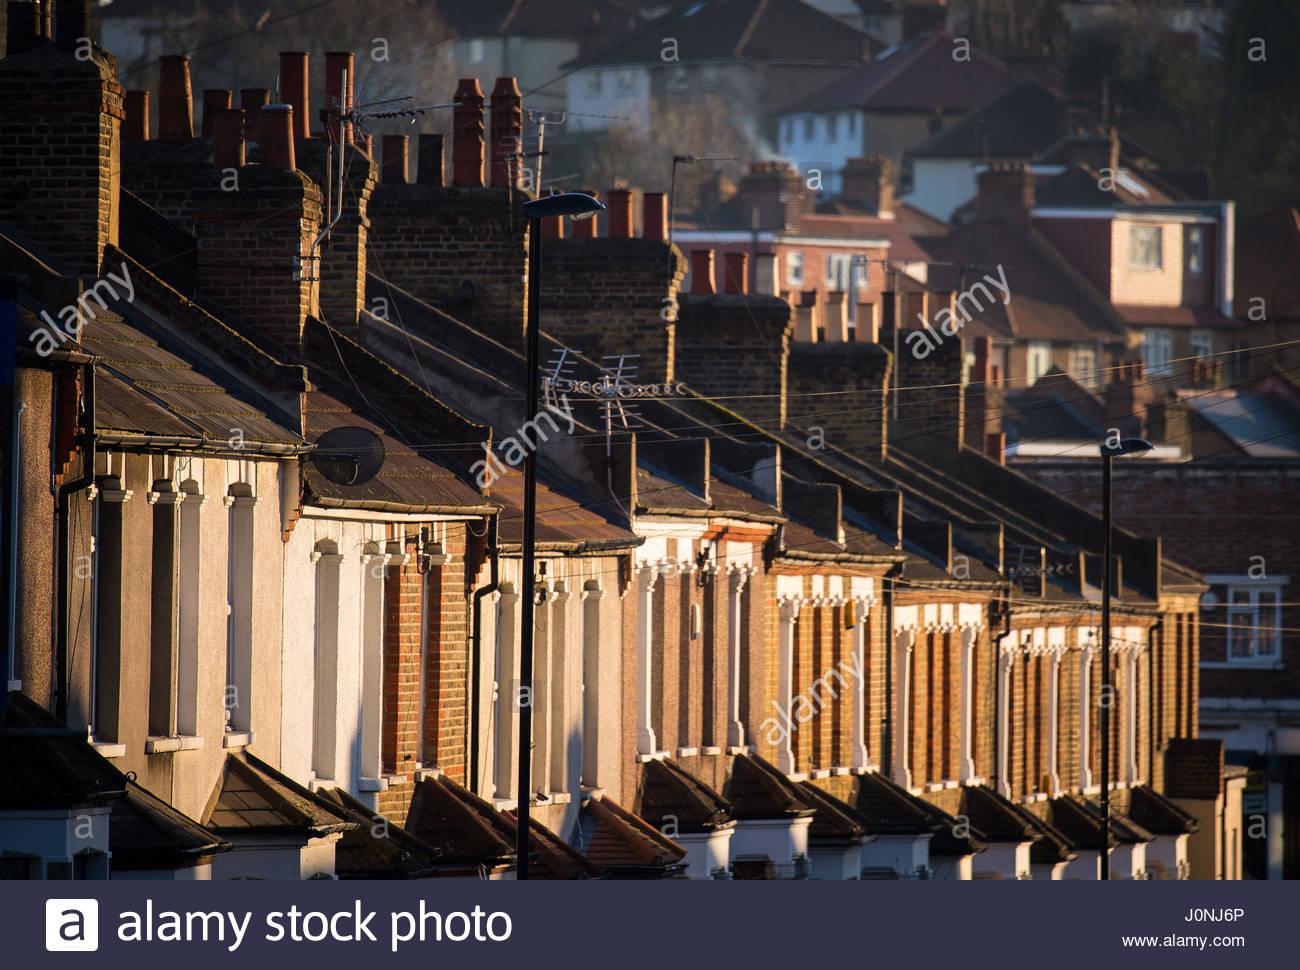 Foto de archivo de fecha 19/01/16 de casas adosadas, como viviendas de toda Gran Bretaña han visto £29 millones Foto de stock